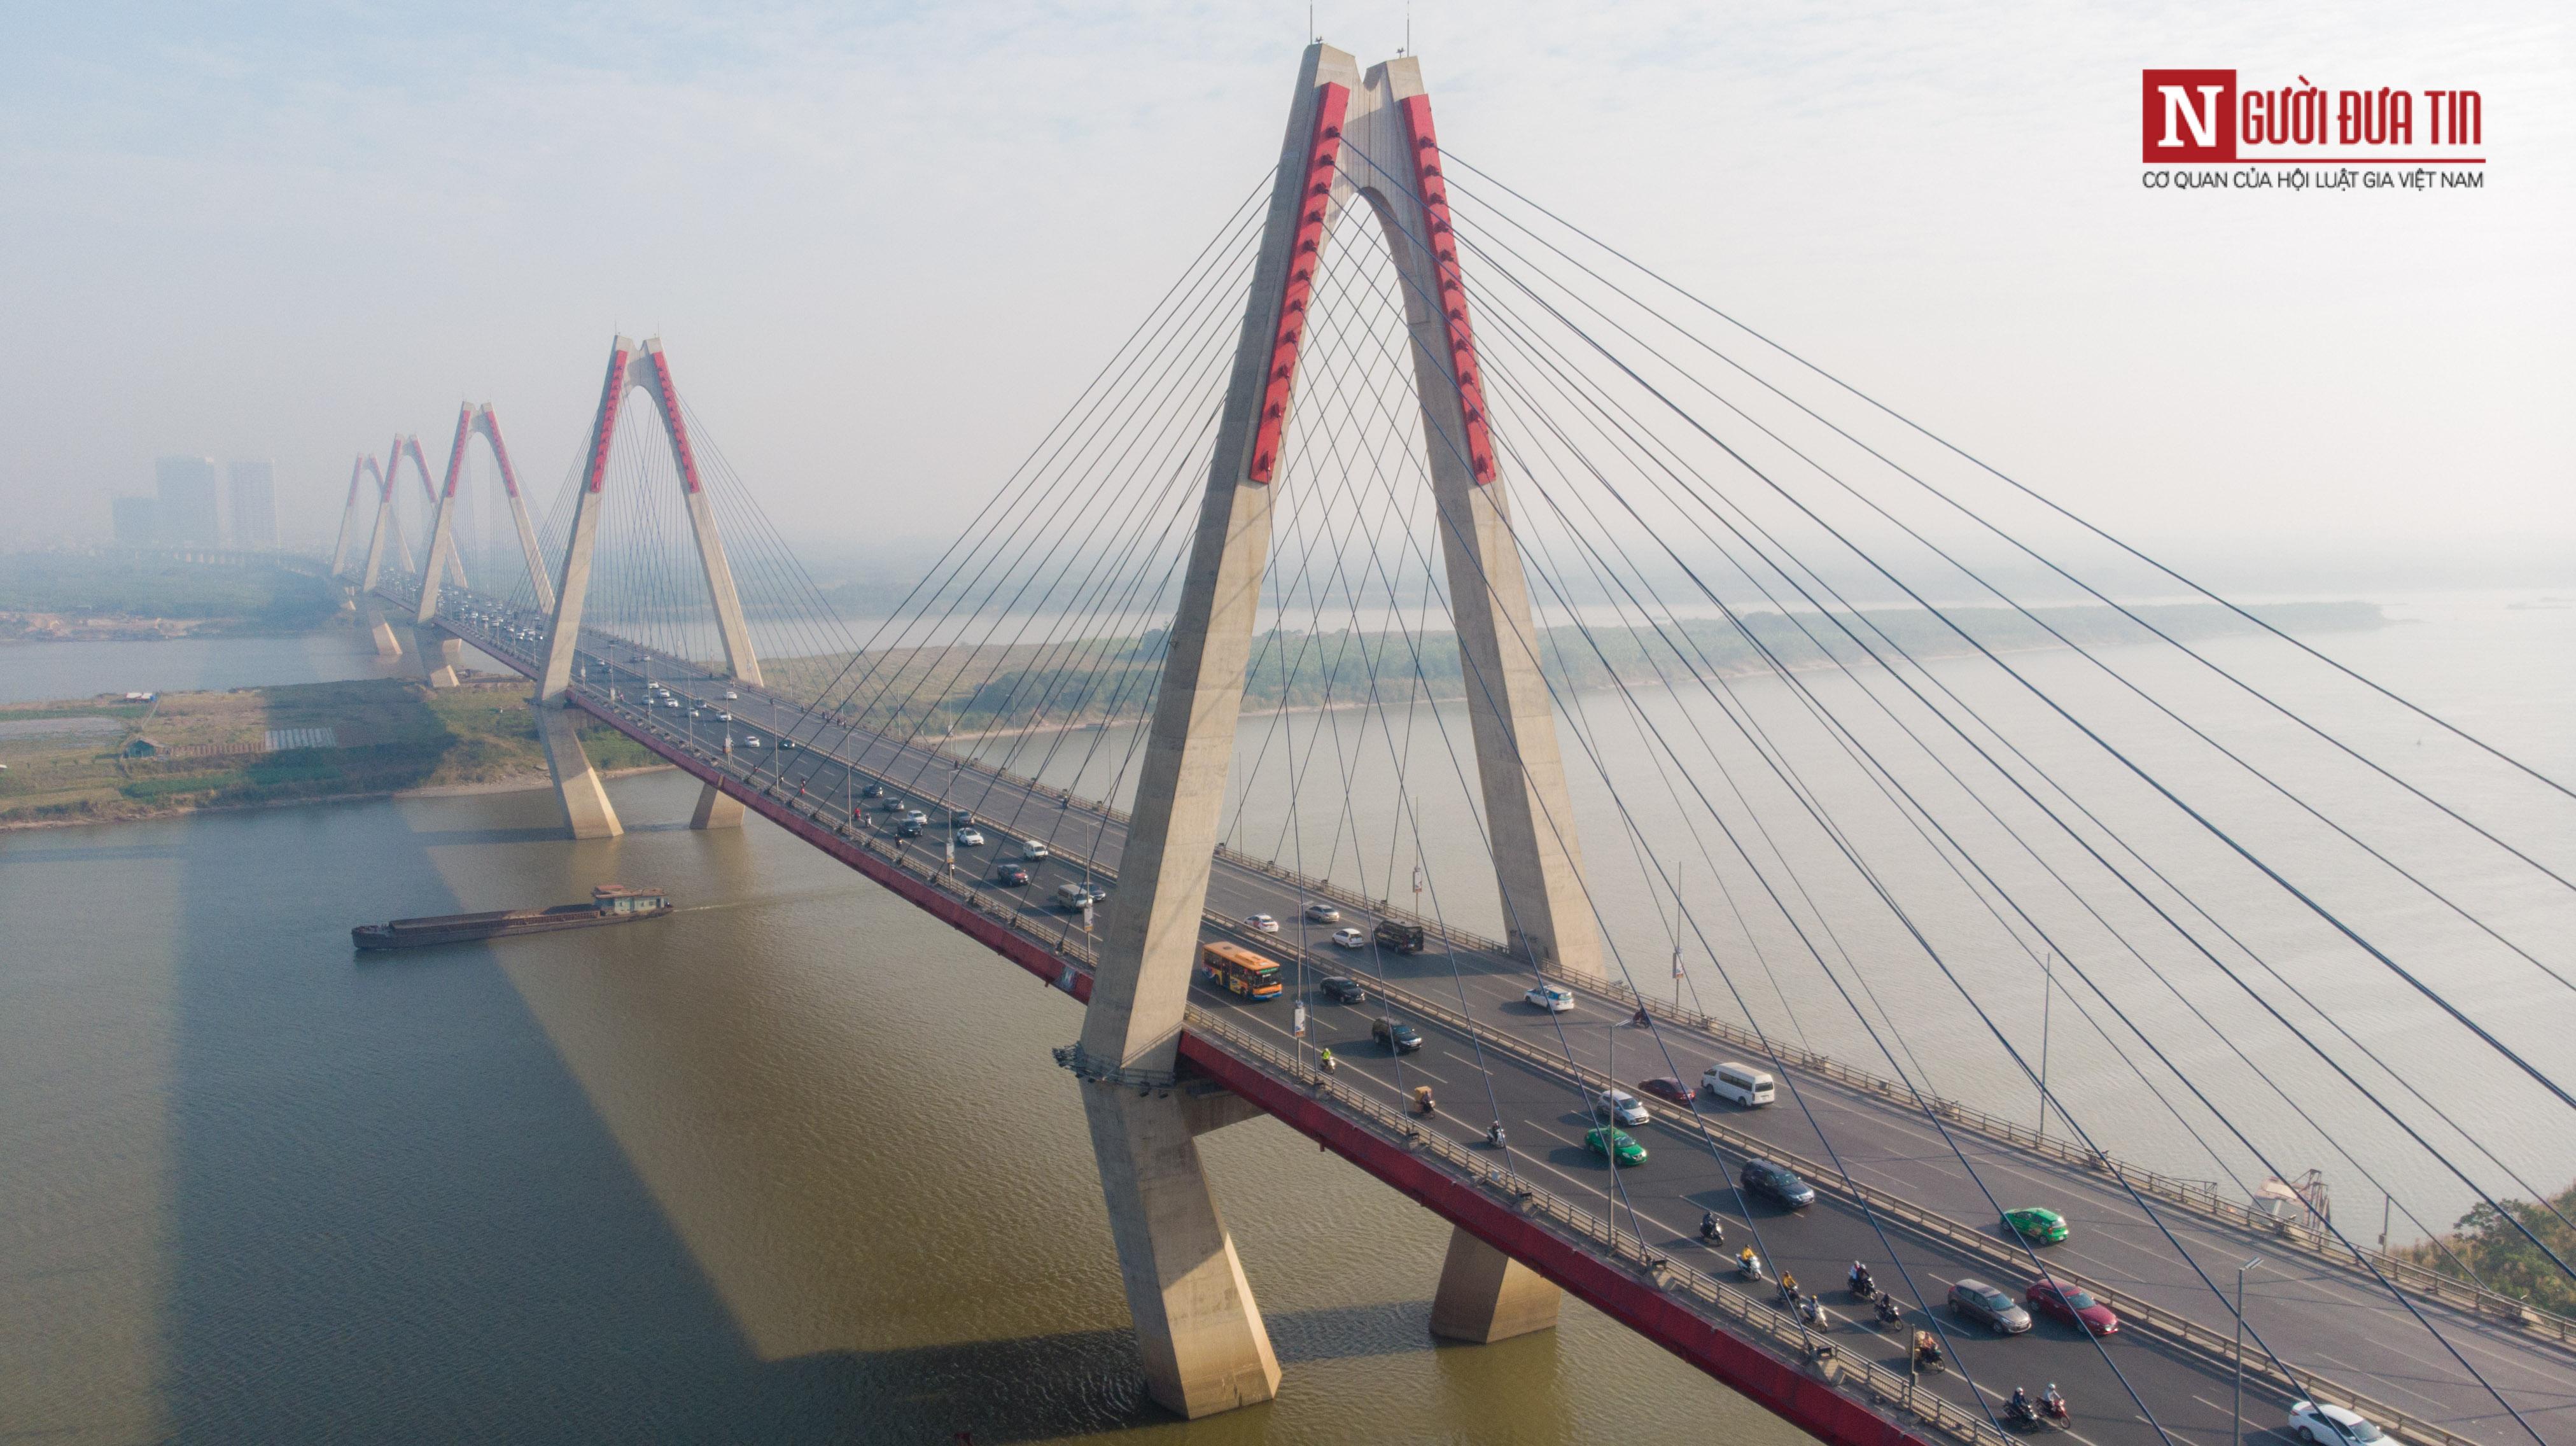 Tin nhanh - Chiêm ngưỡng 6 cây cầu bắc qua sông Hồng nối trung tâm Hà Nội (Hình 18).